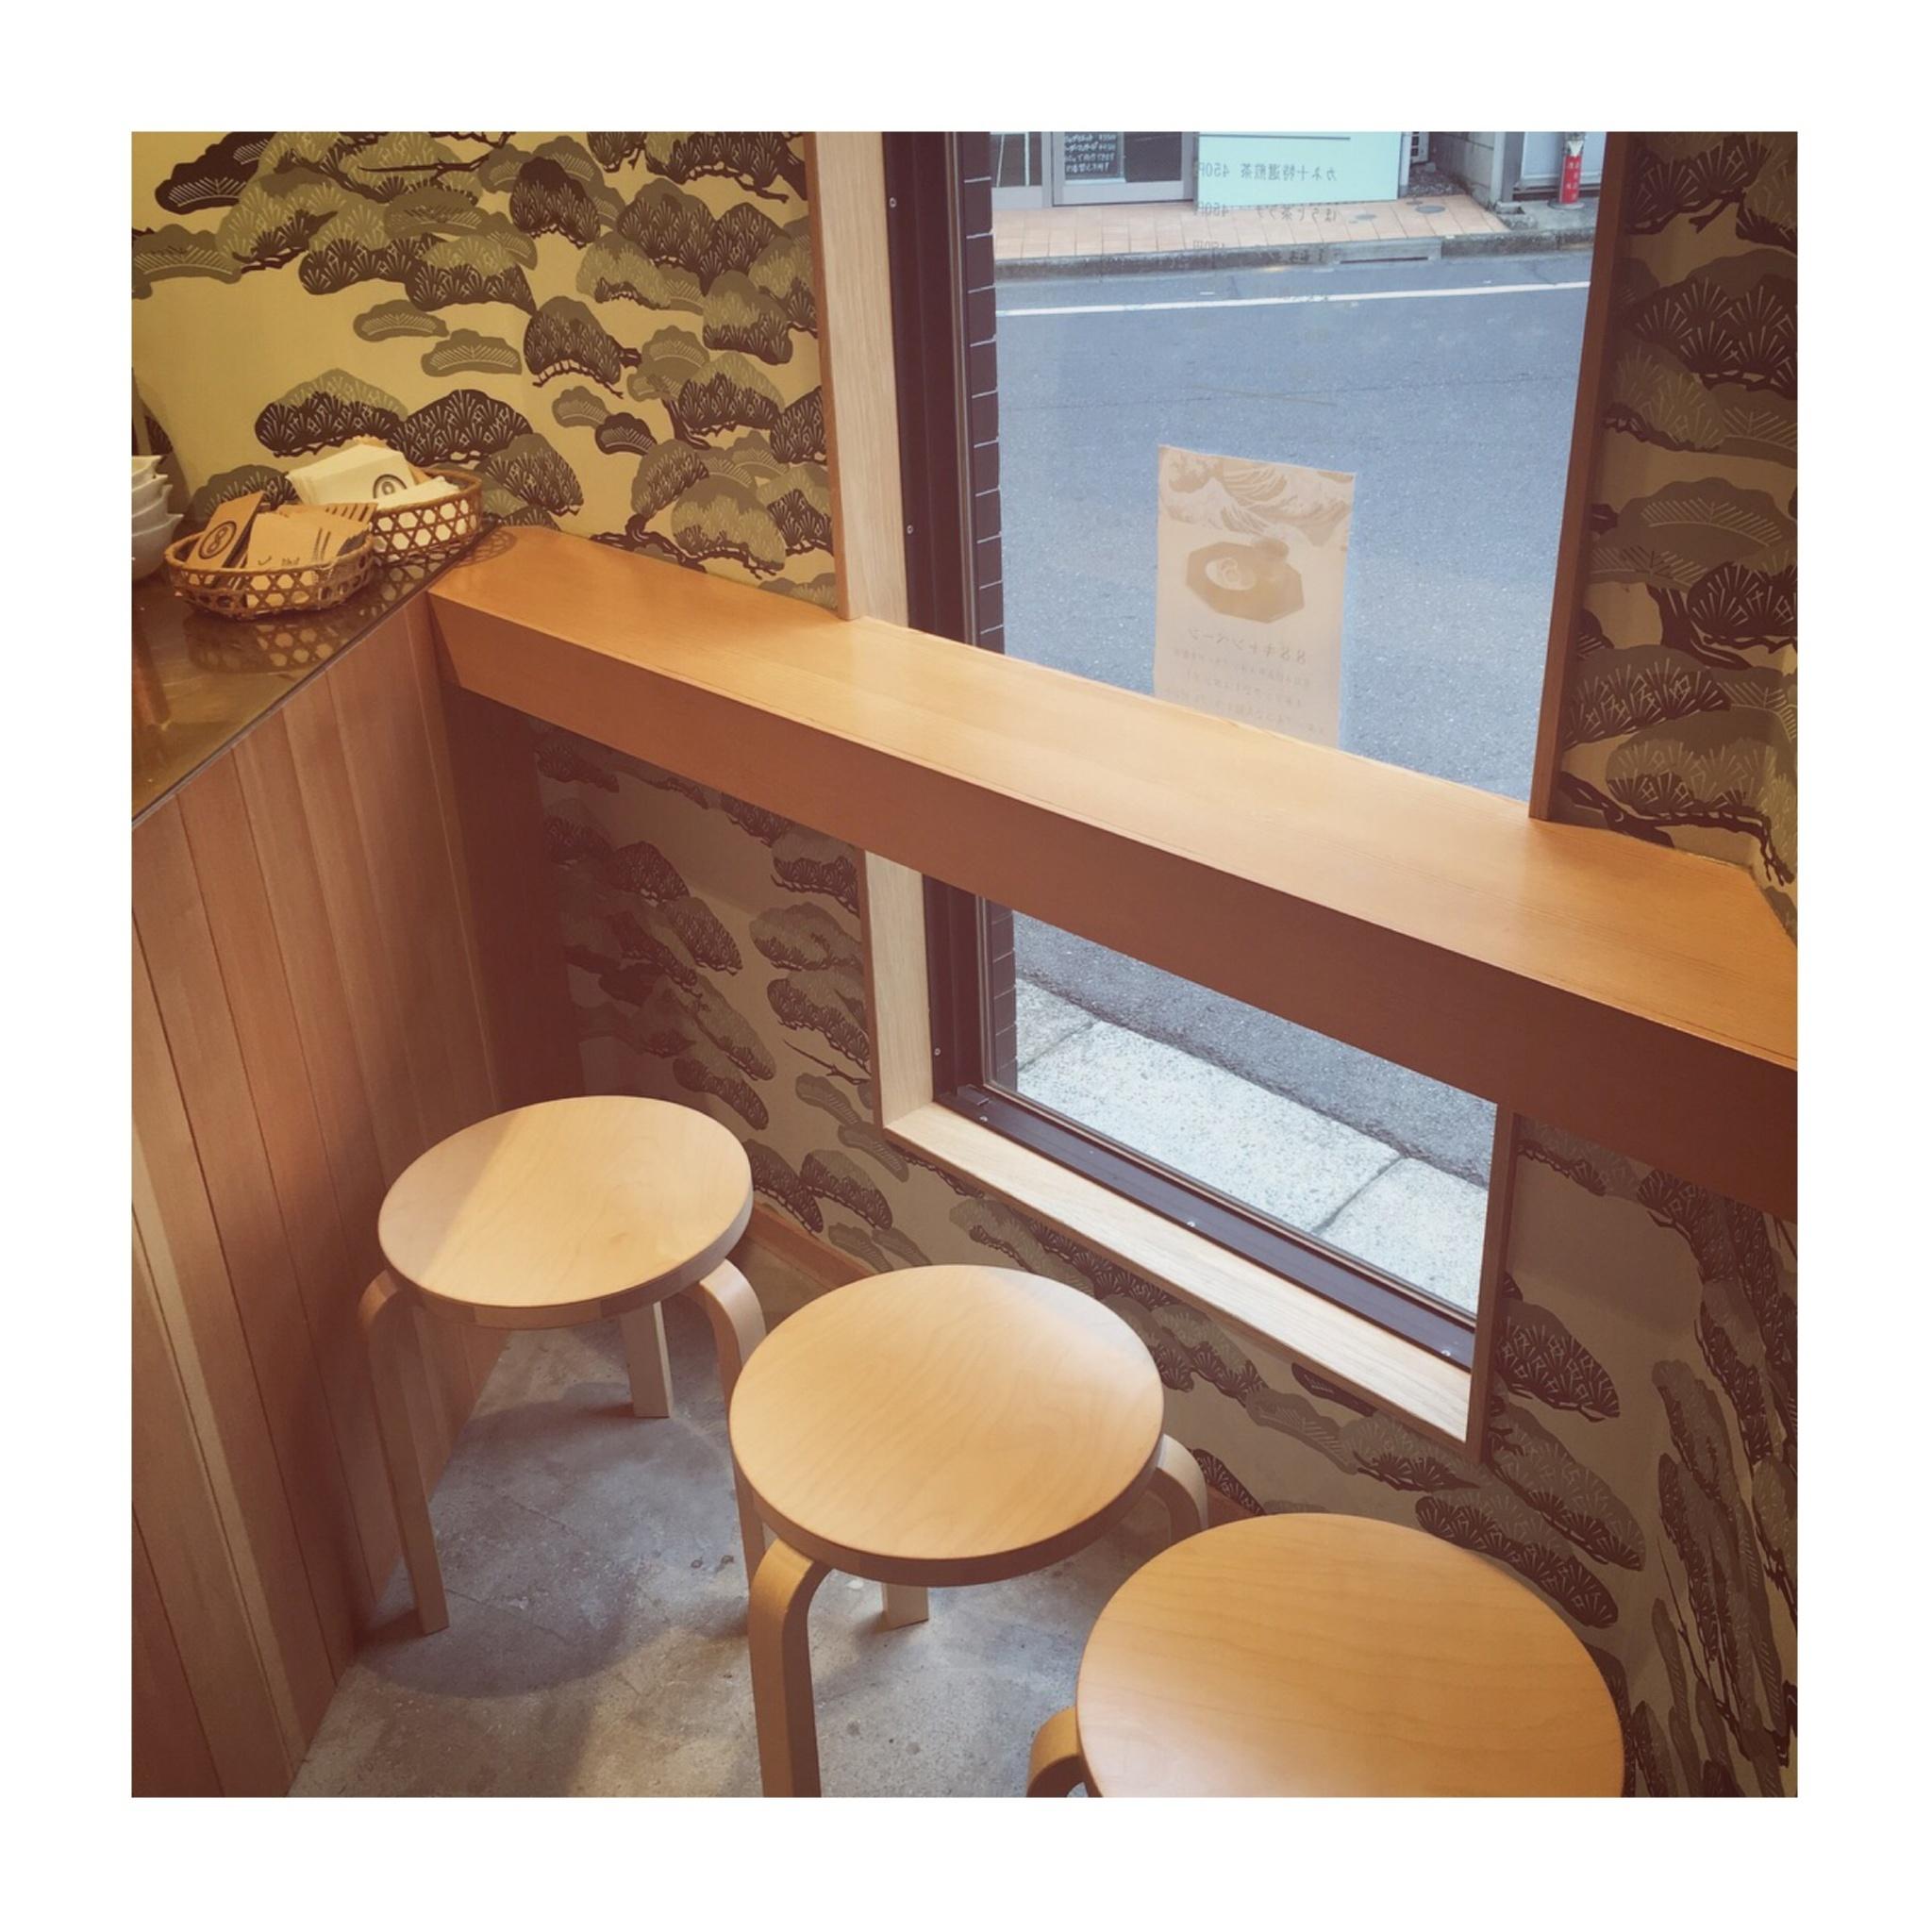 #9【#cafestagram】❤️:《代官山》の日本茶スタンドカフェ「八屋」で和モダンなカフェタイムを☻♡!_2